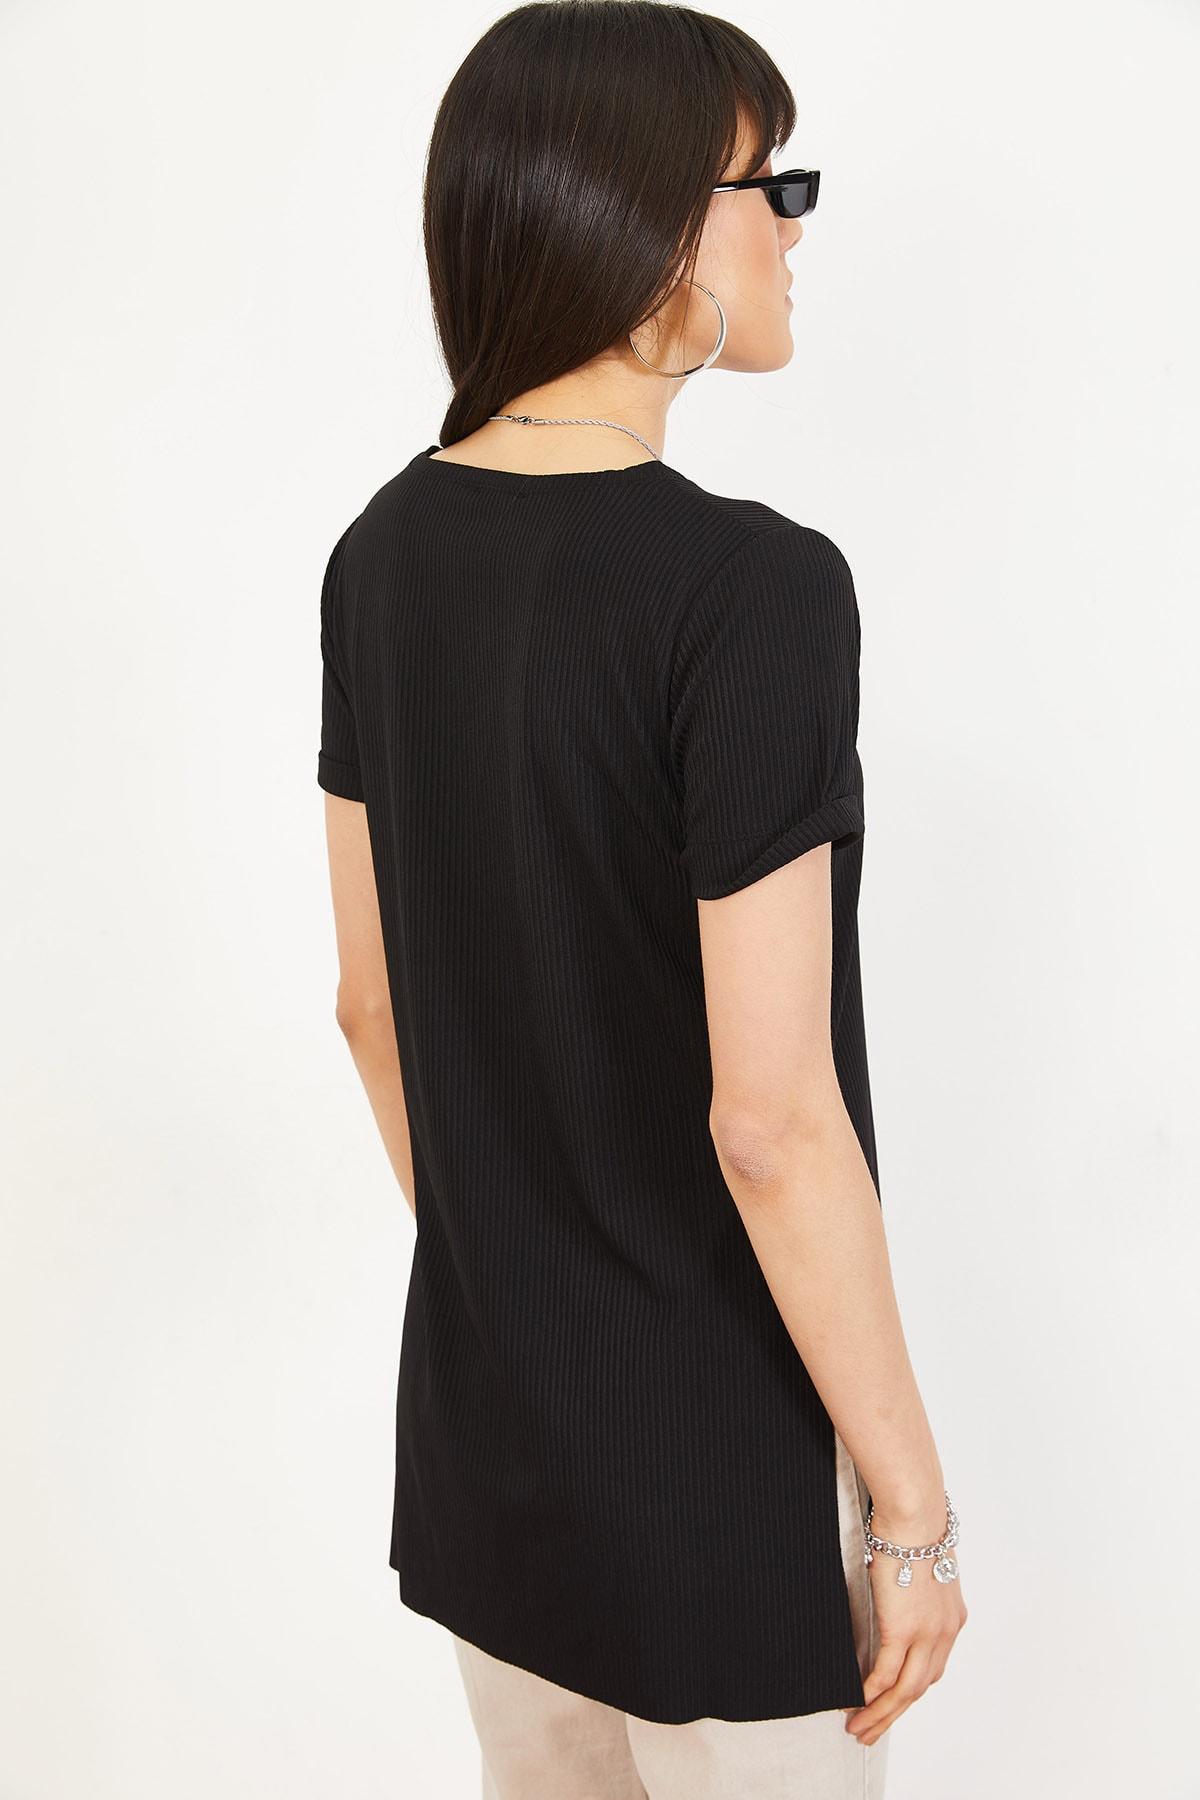 Bianco Lucci Kadın Siyah Kol Yan Yırtmaçlı Kol Detay Kaşkorse T-Shirt 10051012 4